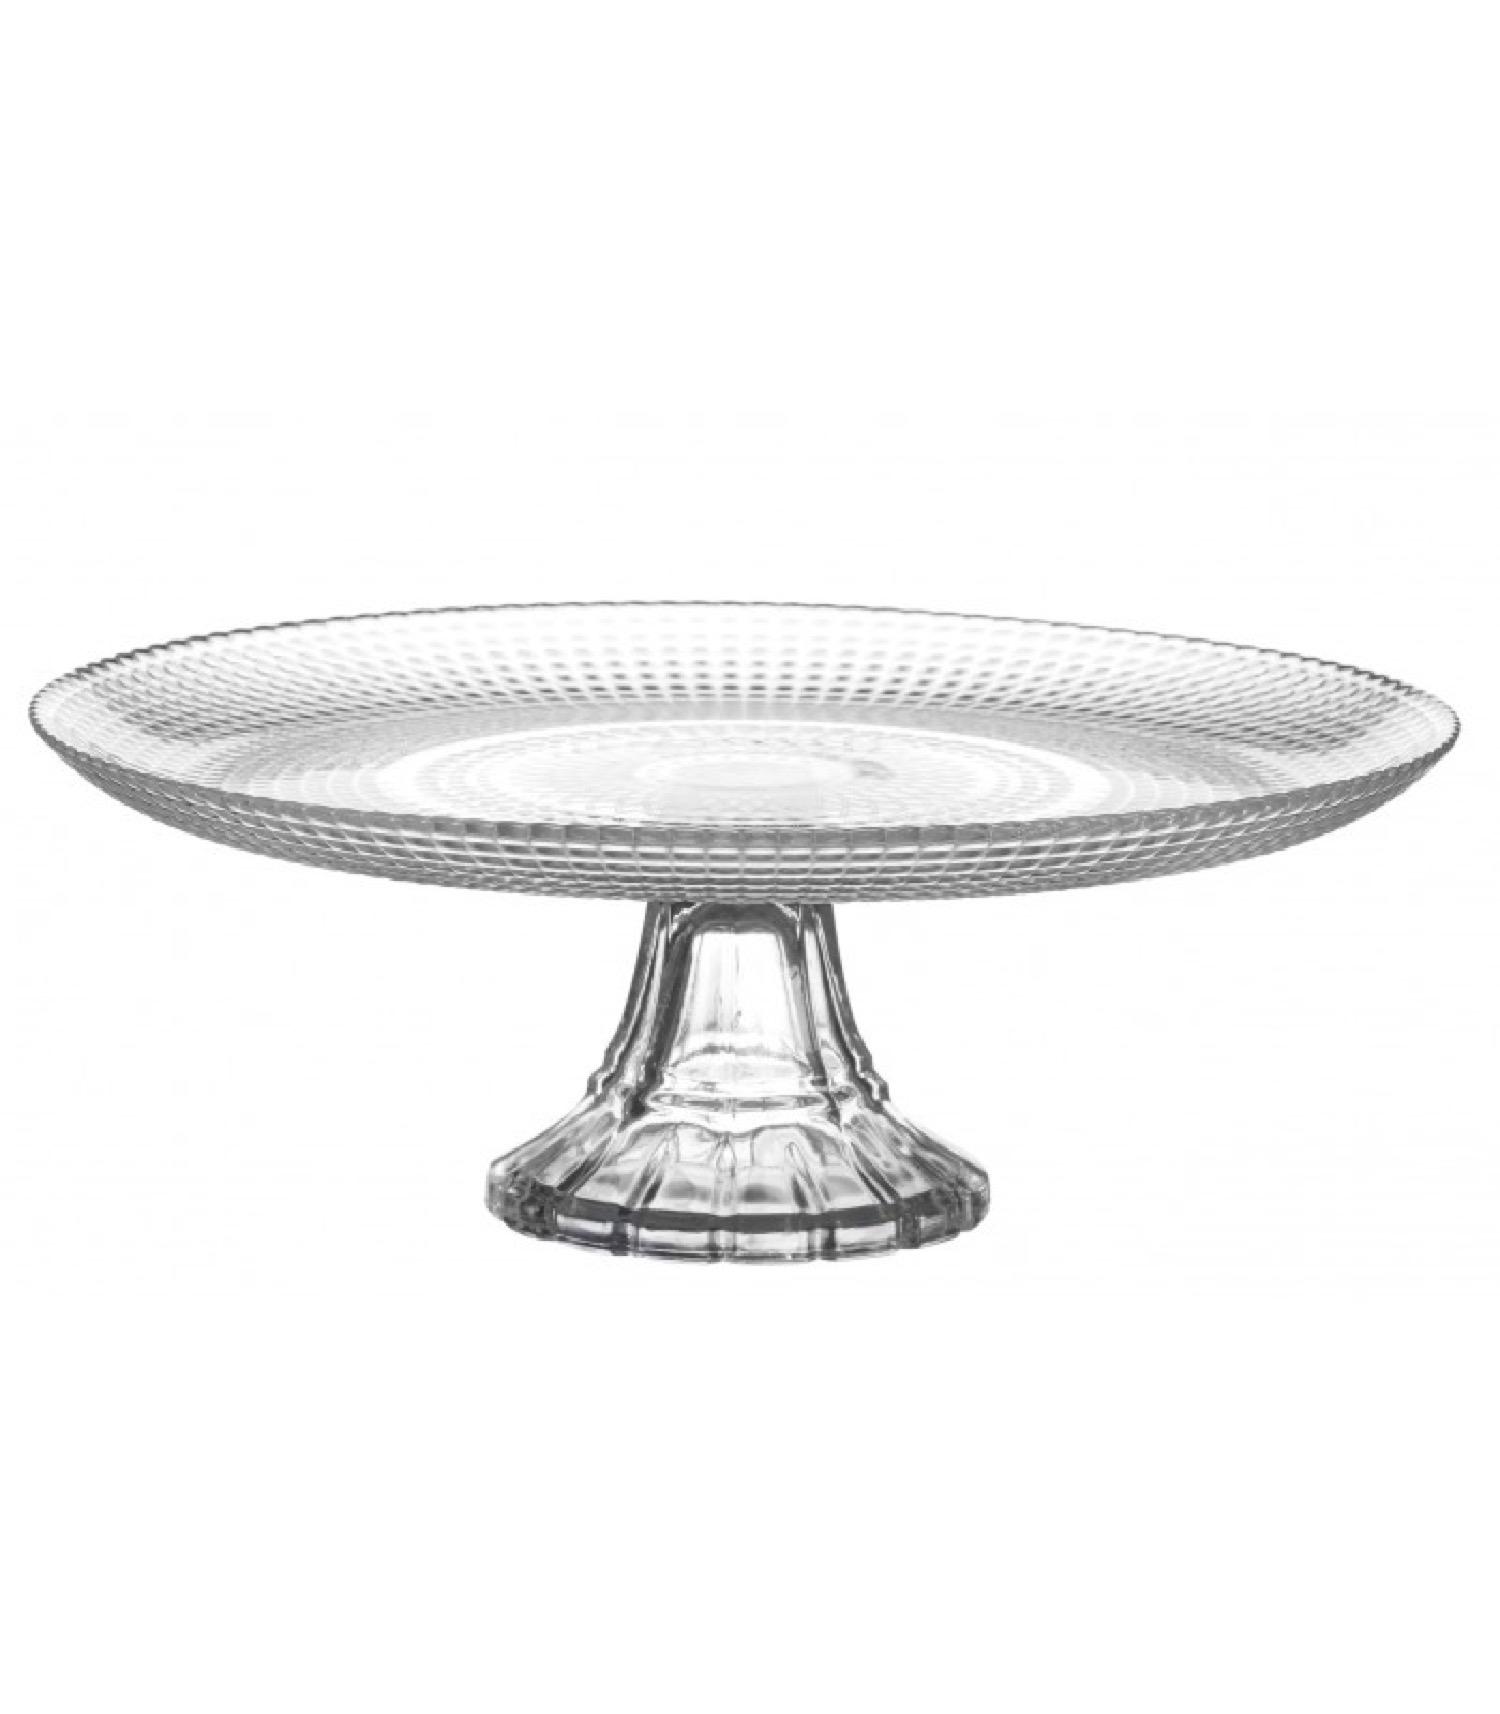 Présentoir à gâteau ou tarte sur pied rond en verre D27cm